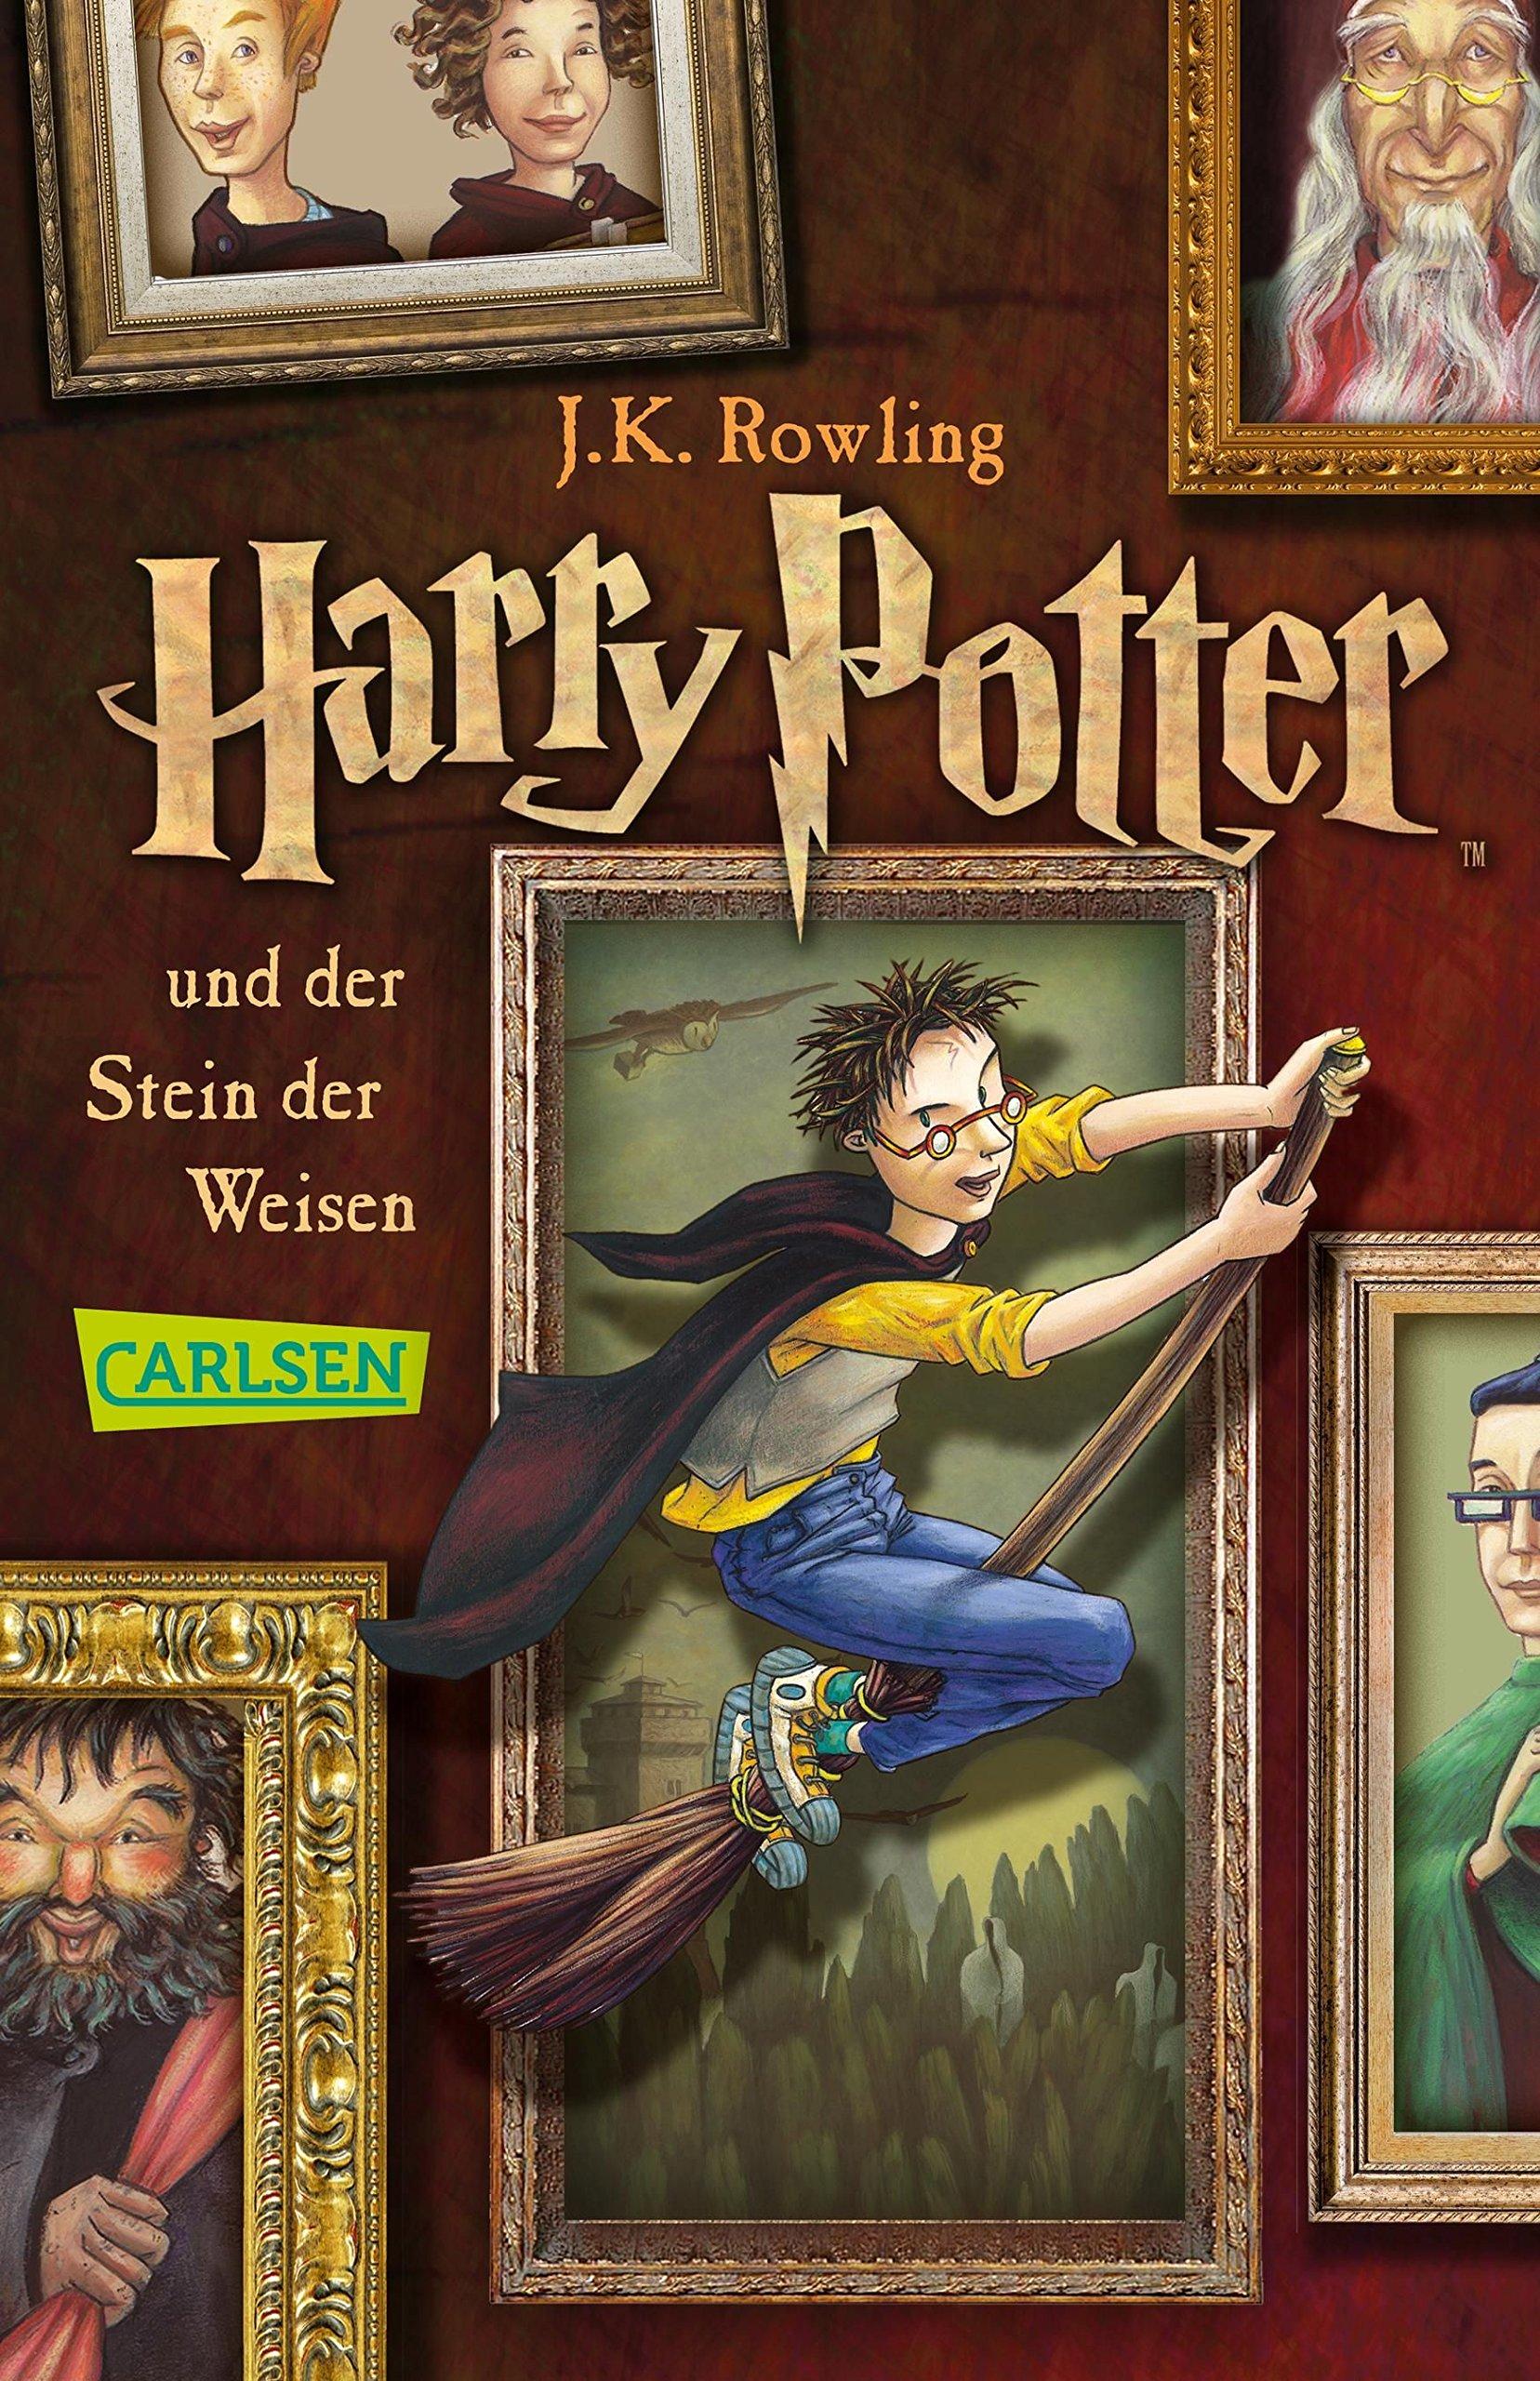 Harry Potter und der Stein der Weisen: Amazon.es: J.K. Rowling, Klaus  Fritz: Libros en idiomas extranjeros